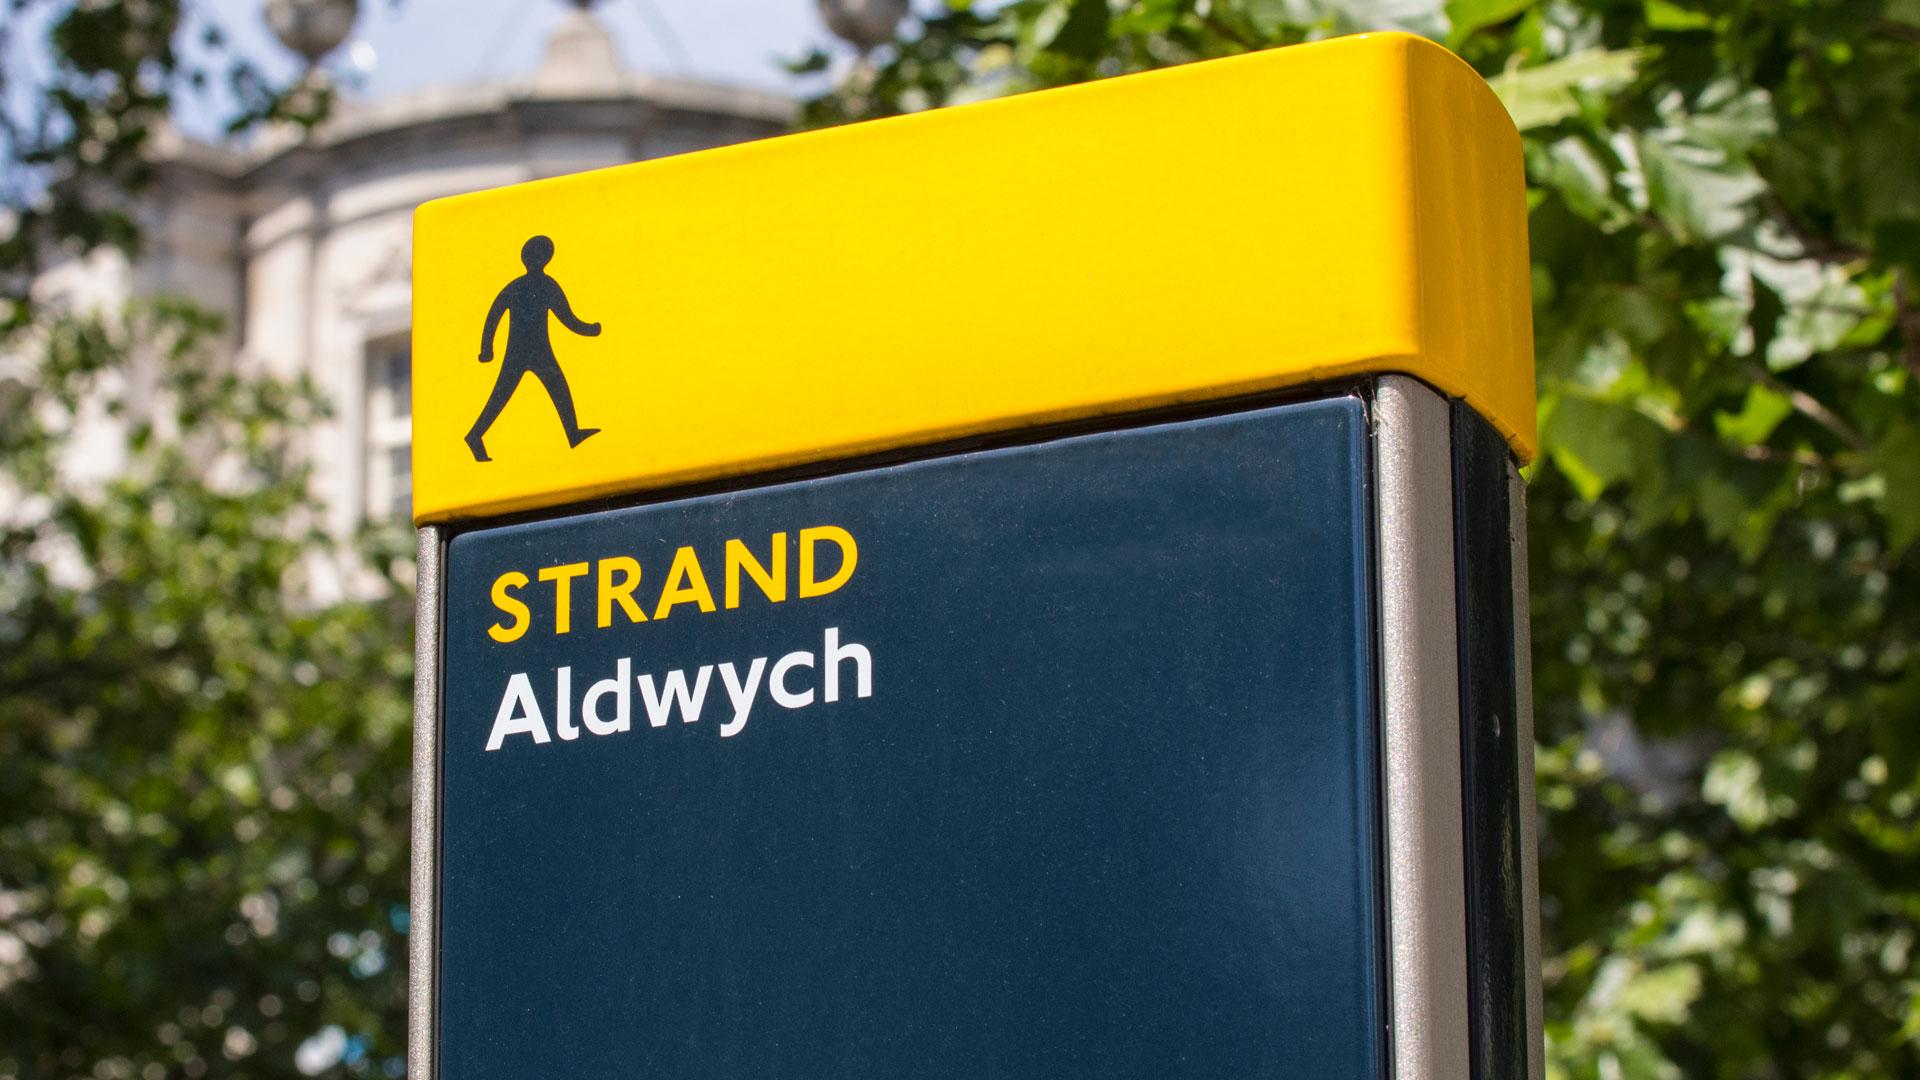 Strand Aldwych